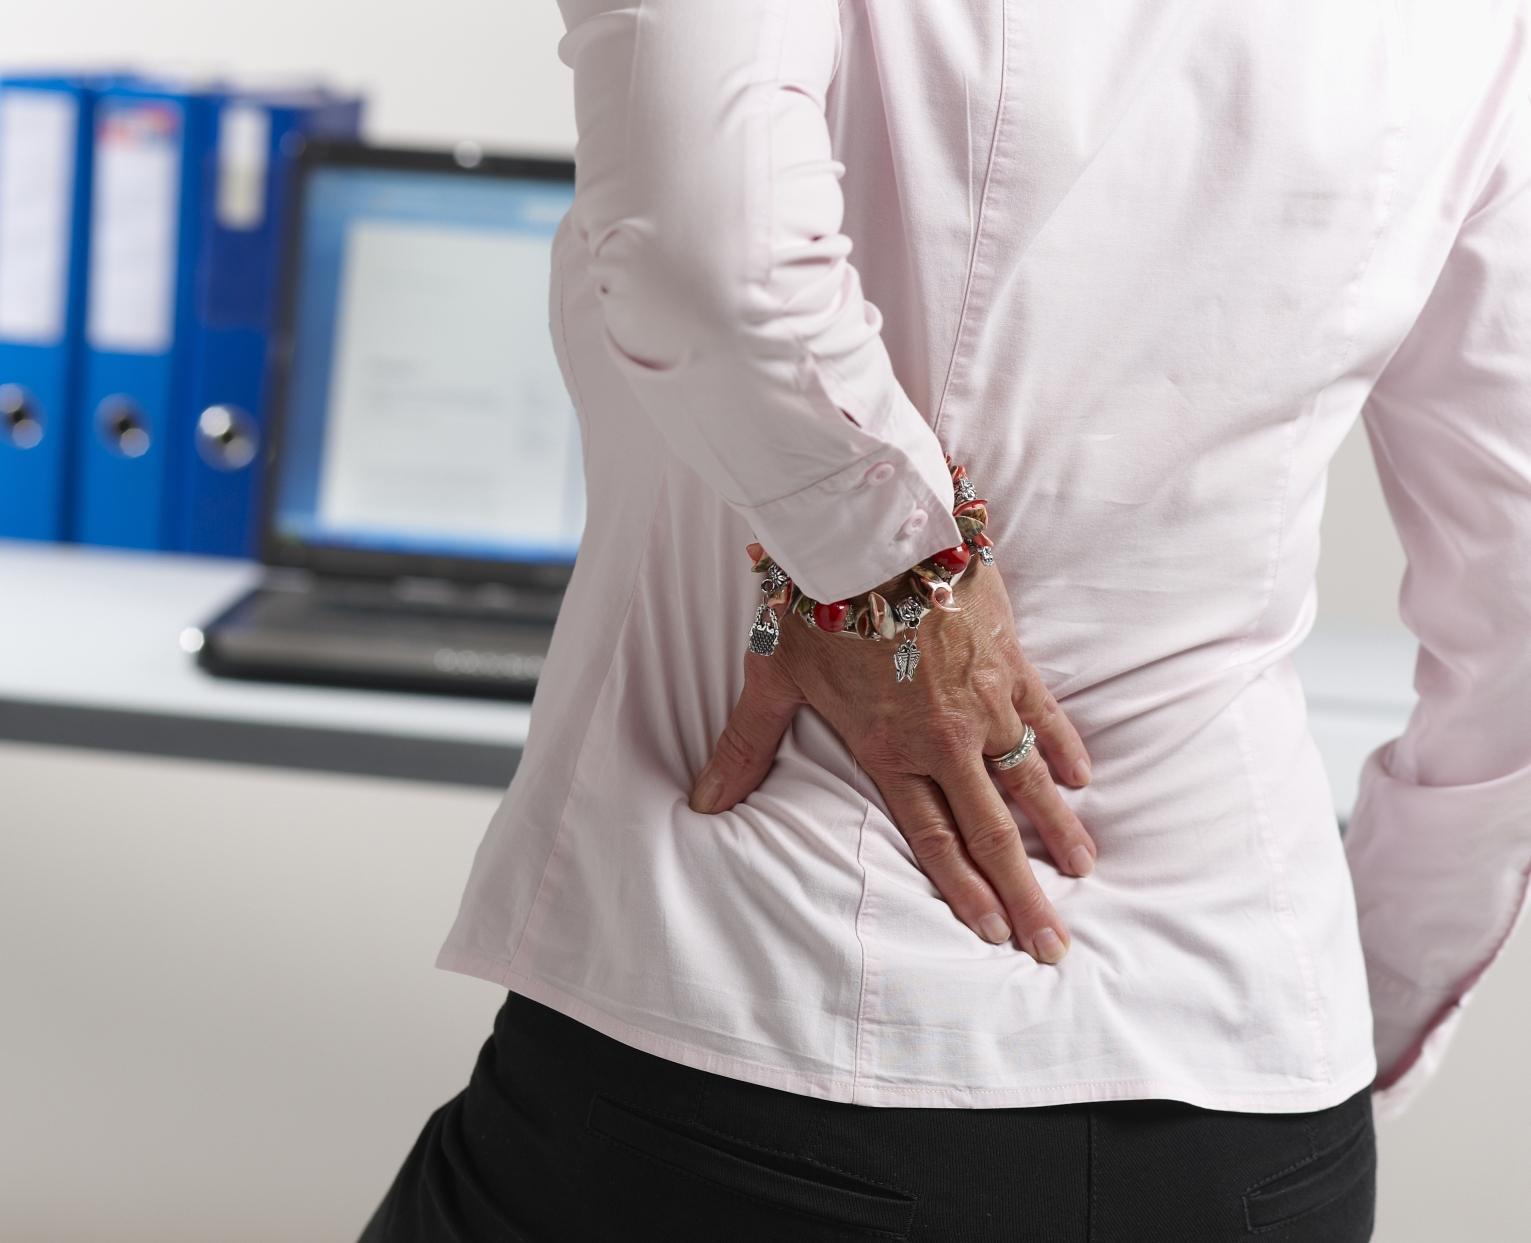 Опоясывающая боль в пояснице: возможные причины